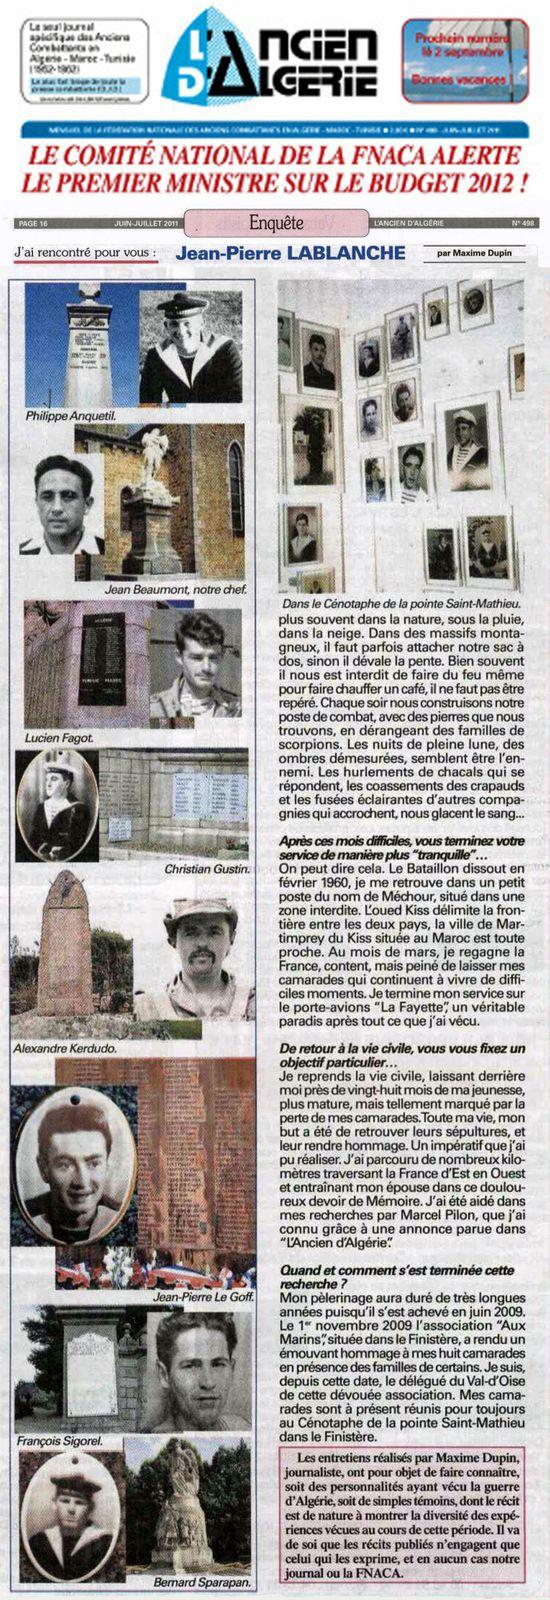 110601-l'ancien d'Algérie(droite-titre)(02) copie